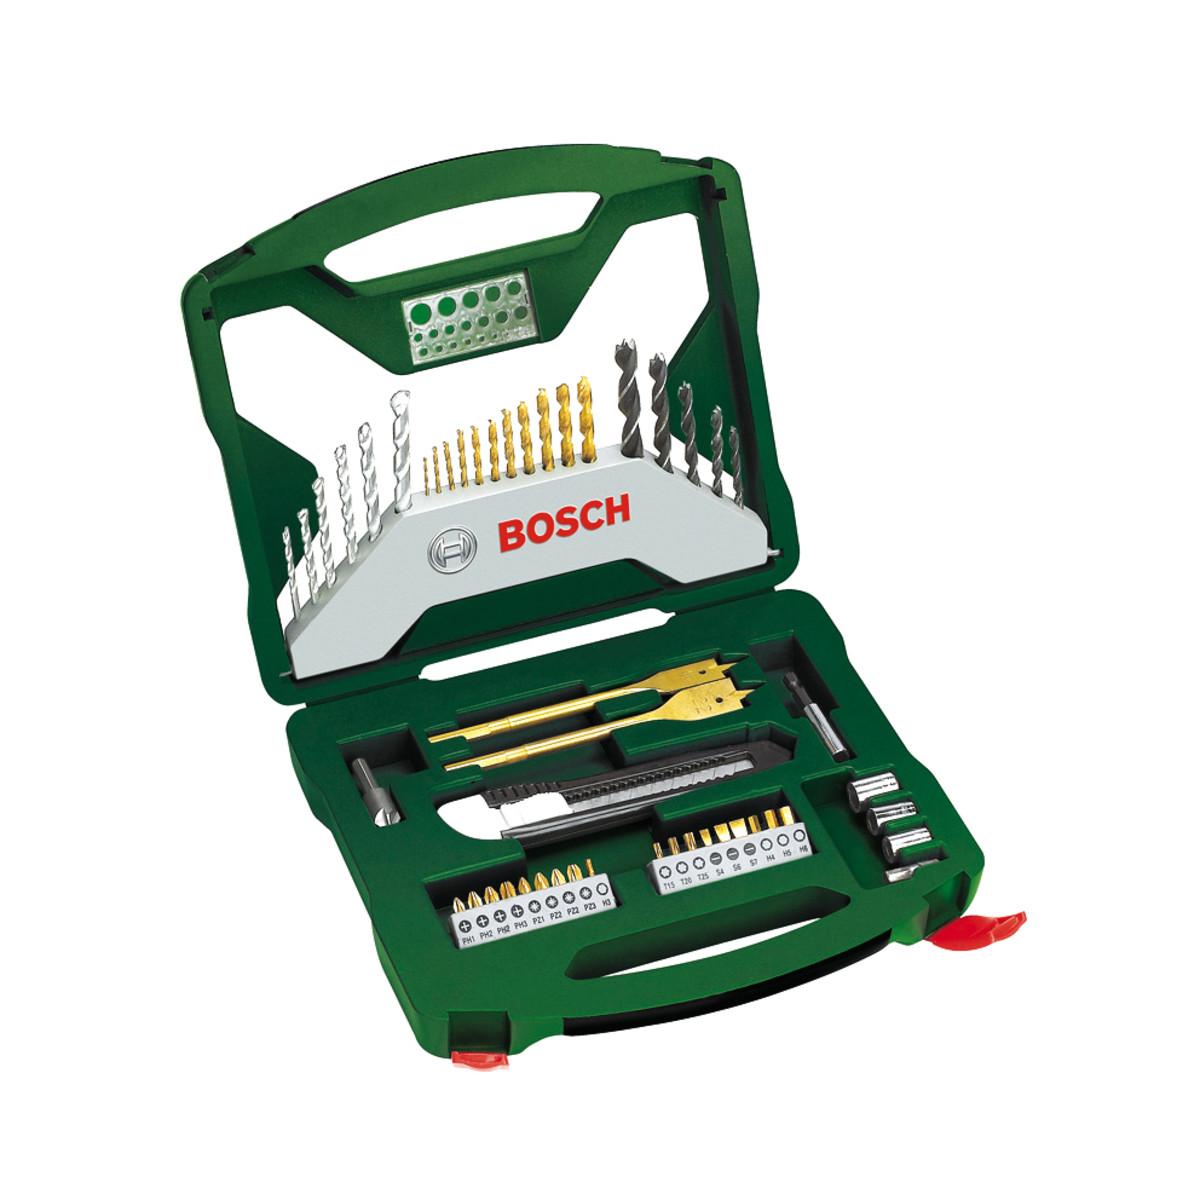 Bosch set di punte elicoidali per legno prezzo e offerte for Prezzo cuccia cane leroy merlin